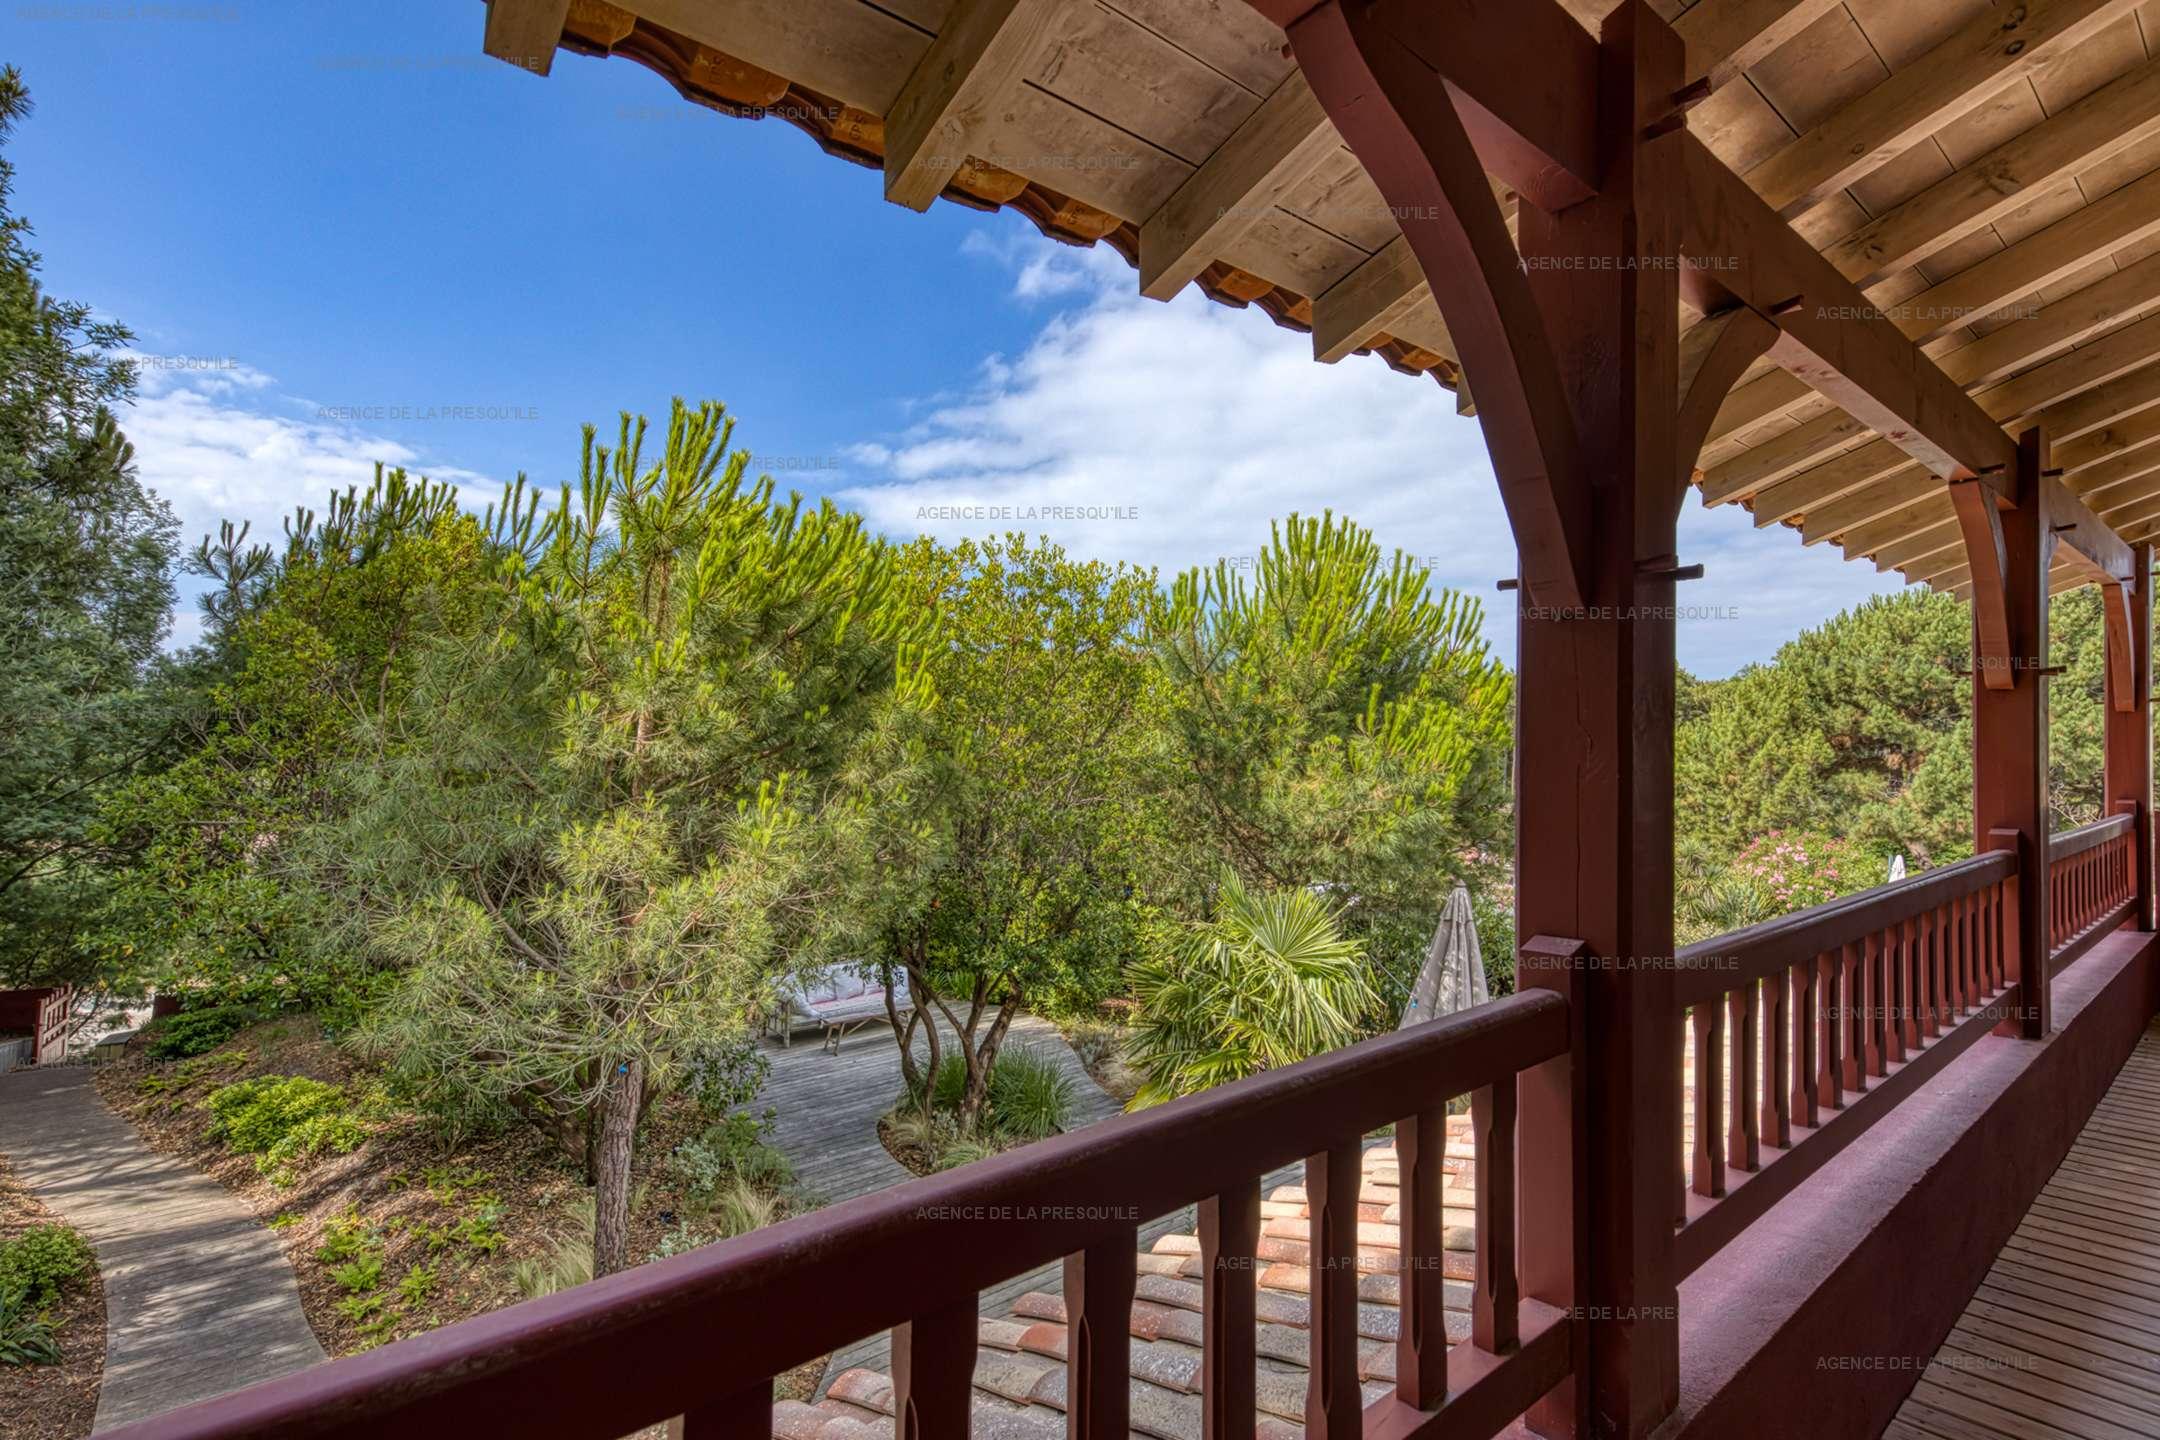 Location: Villa bois à 200m du bassin 13